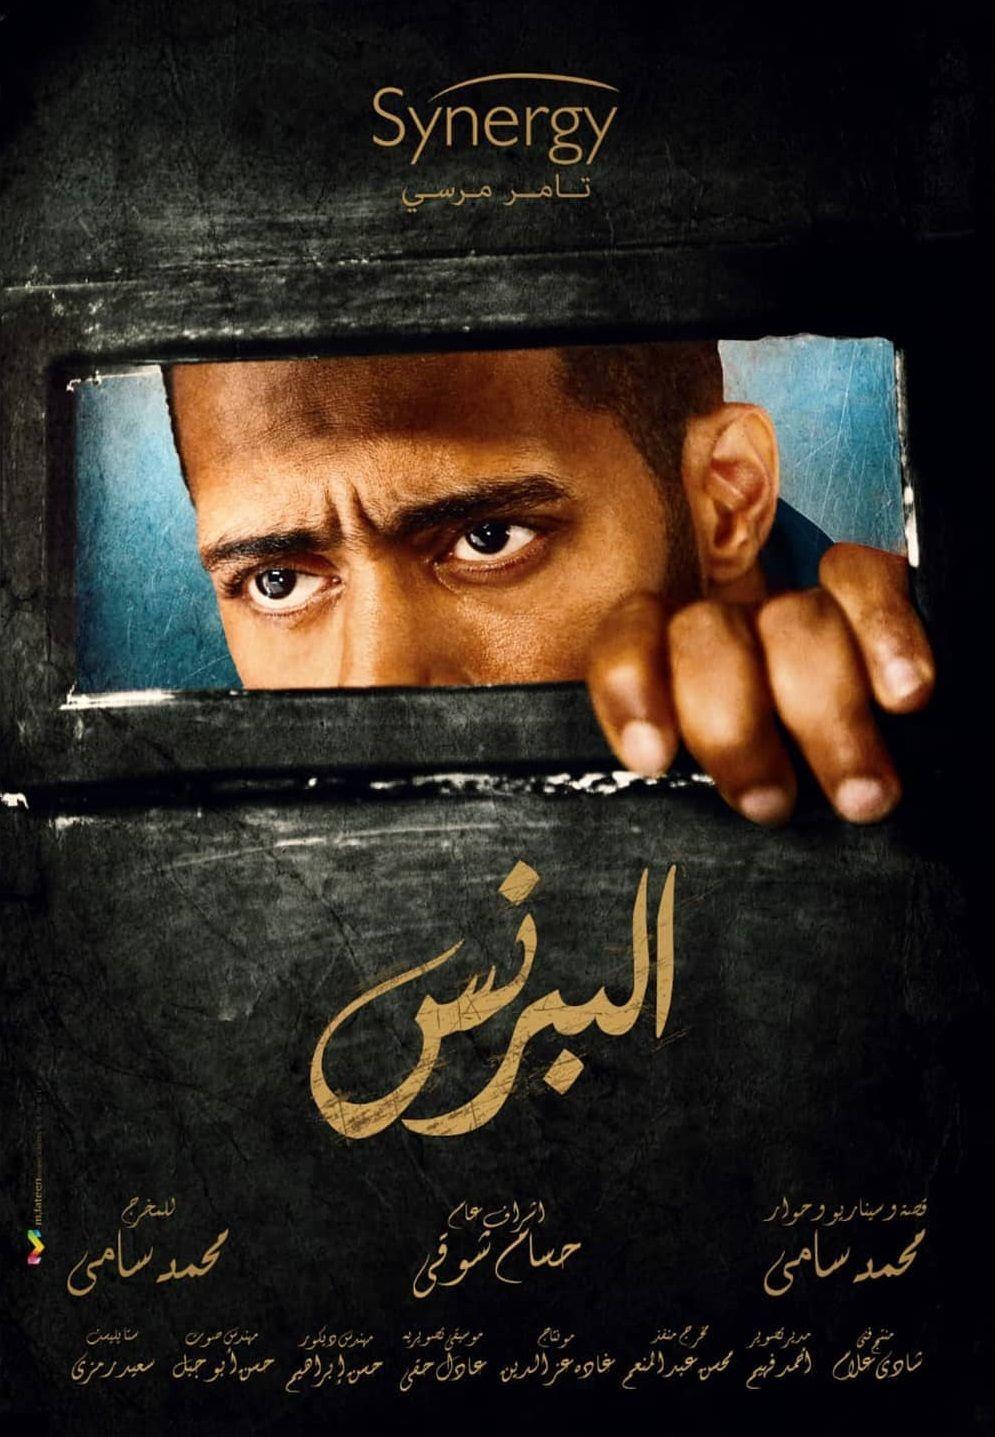 مشاهدة وتحميل مسلسل البرنس كامل مسلسلات رمضان 2020 Tv Series Imdb Tv Streaming Tv Shows